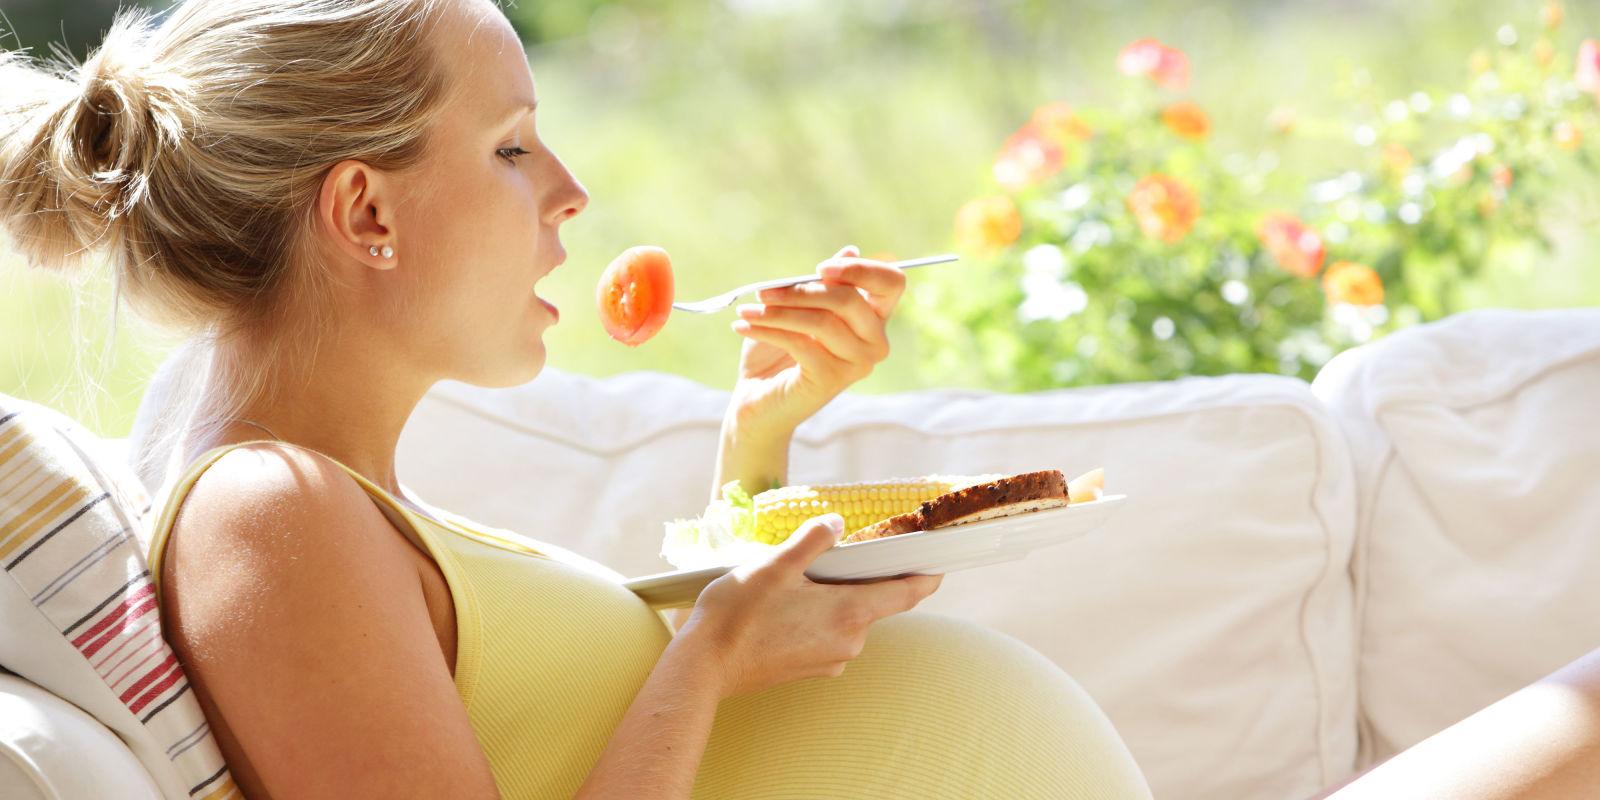 thiếu sắt và axit folic ở phụ nữ mang thai– chela ferr forte